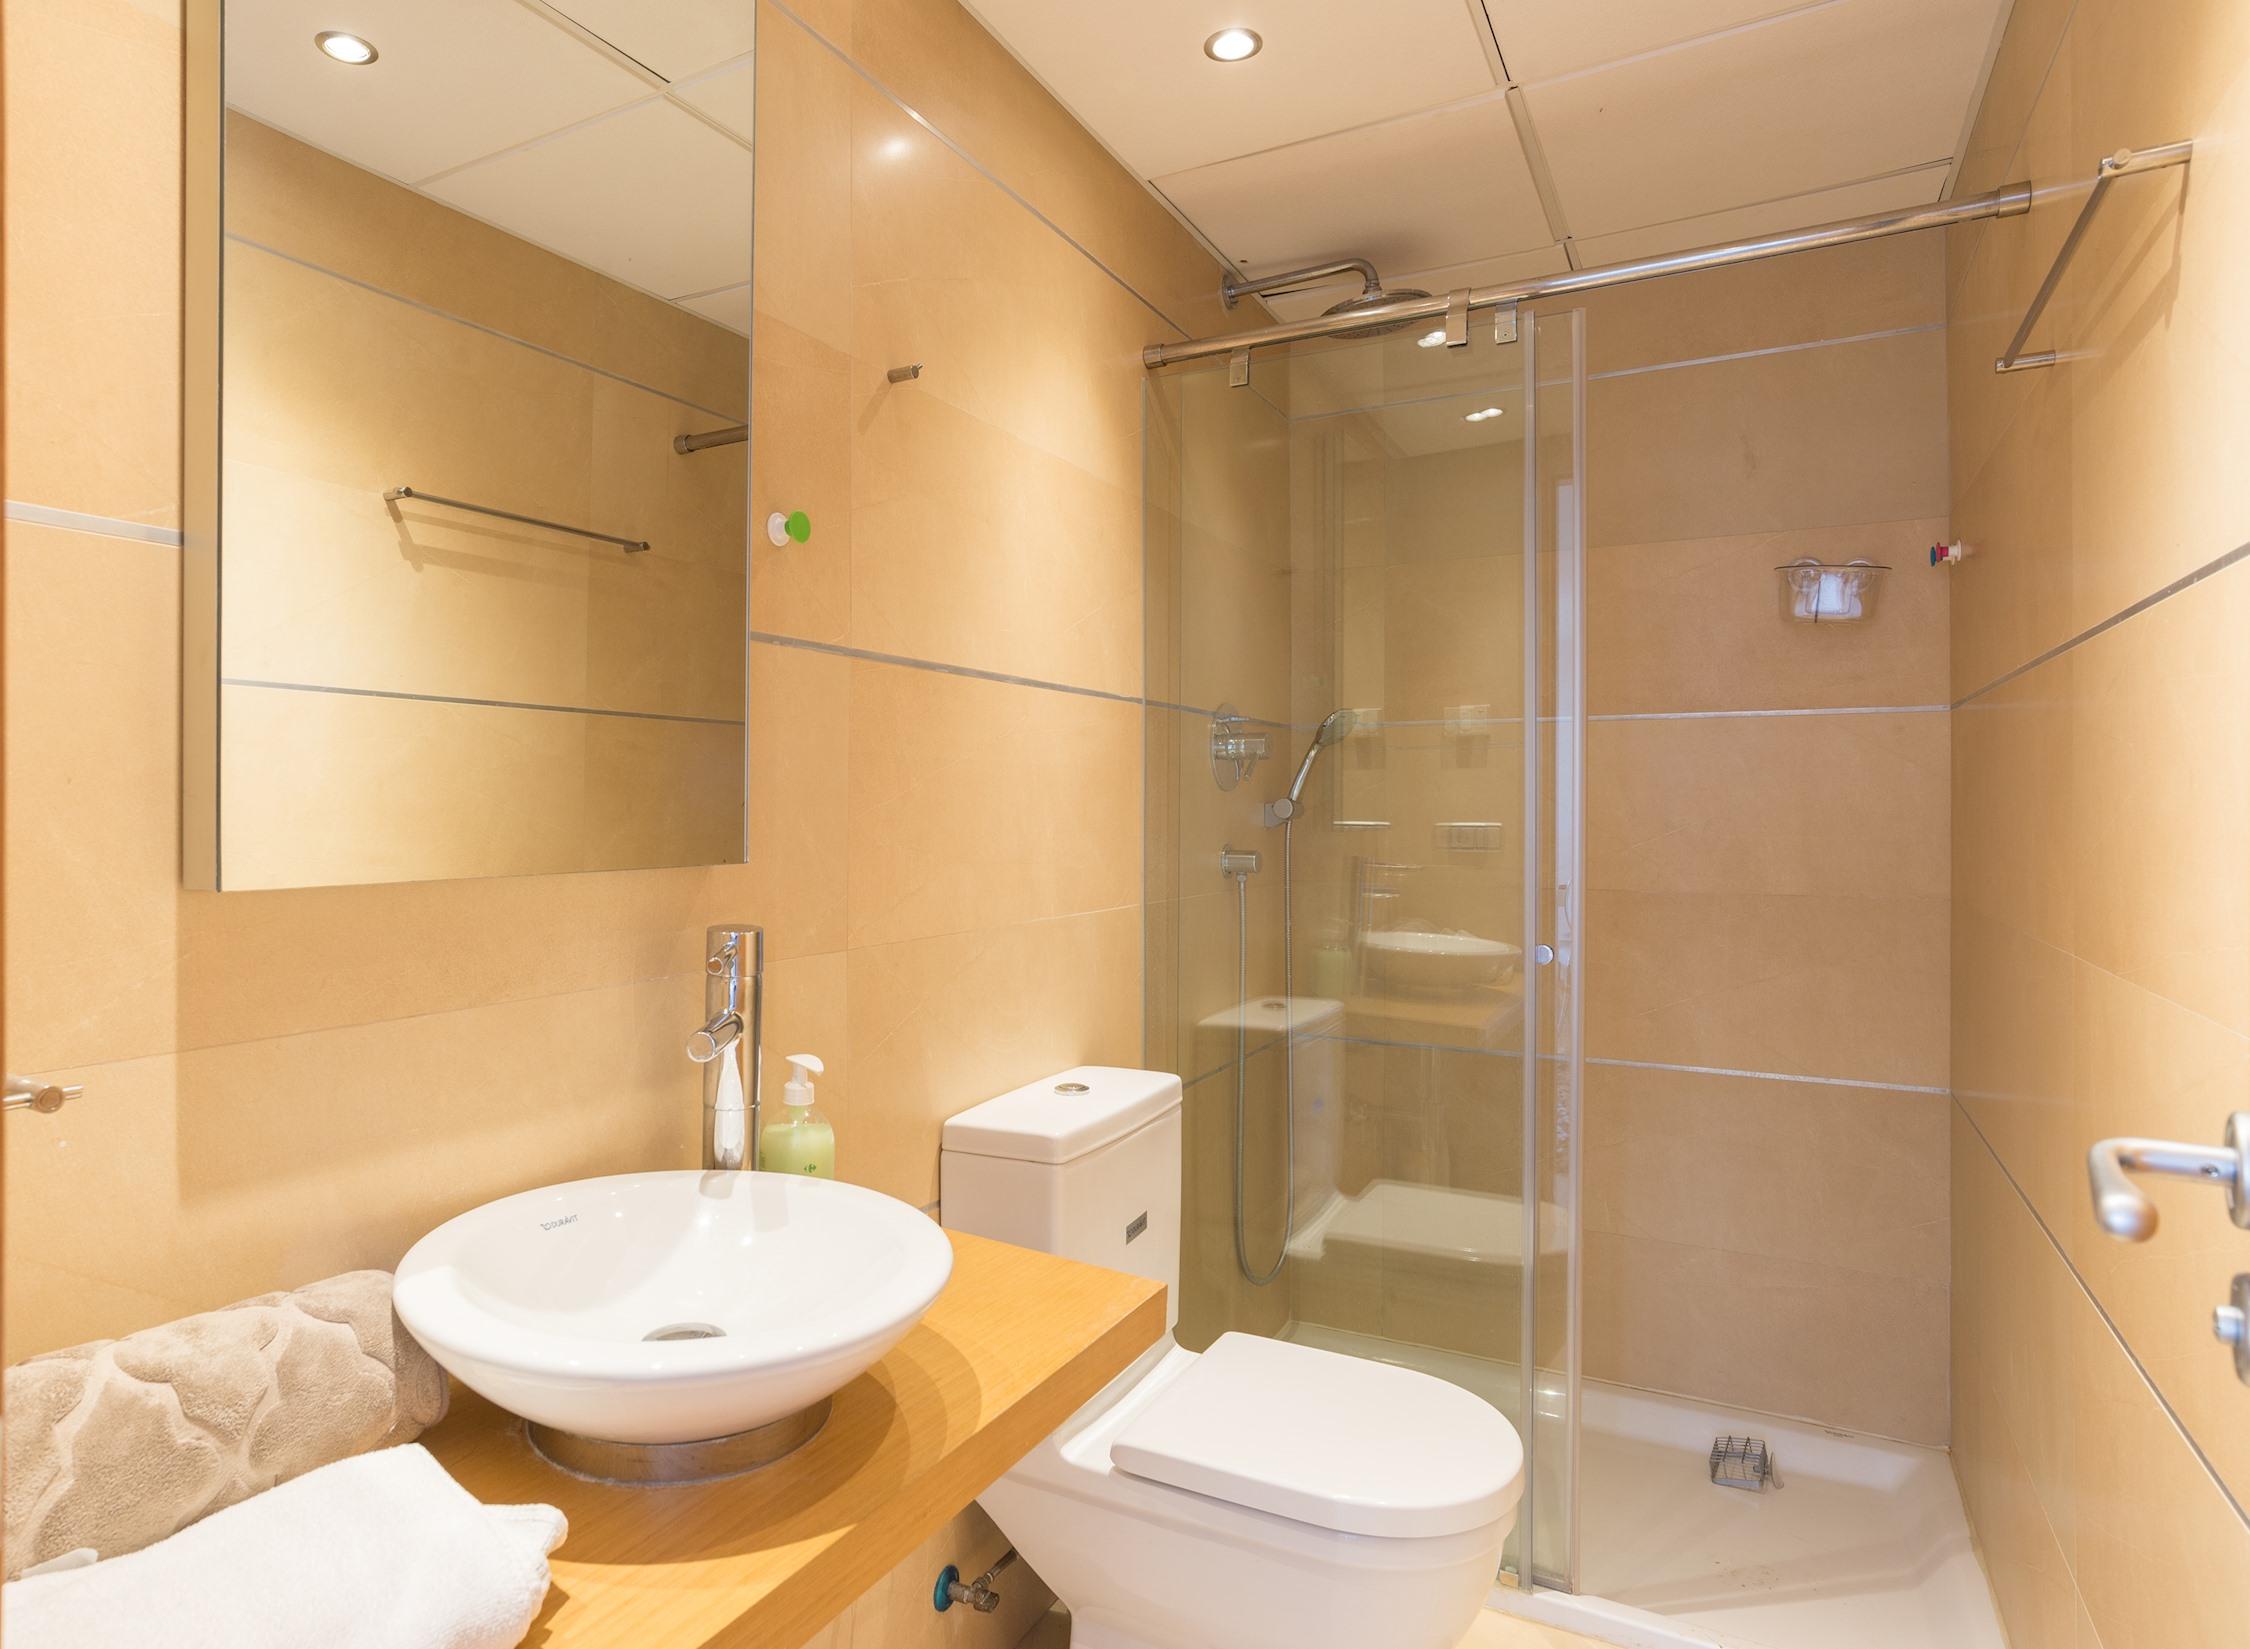 Apartment MalagaSuite Private Deluxe Villa photo 20236383